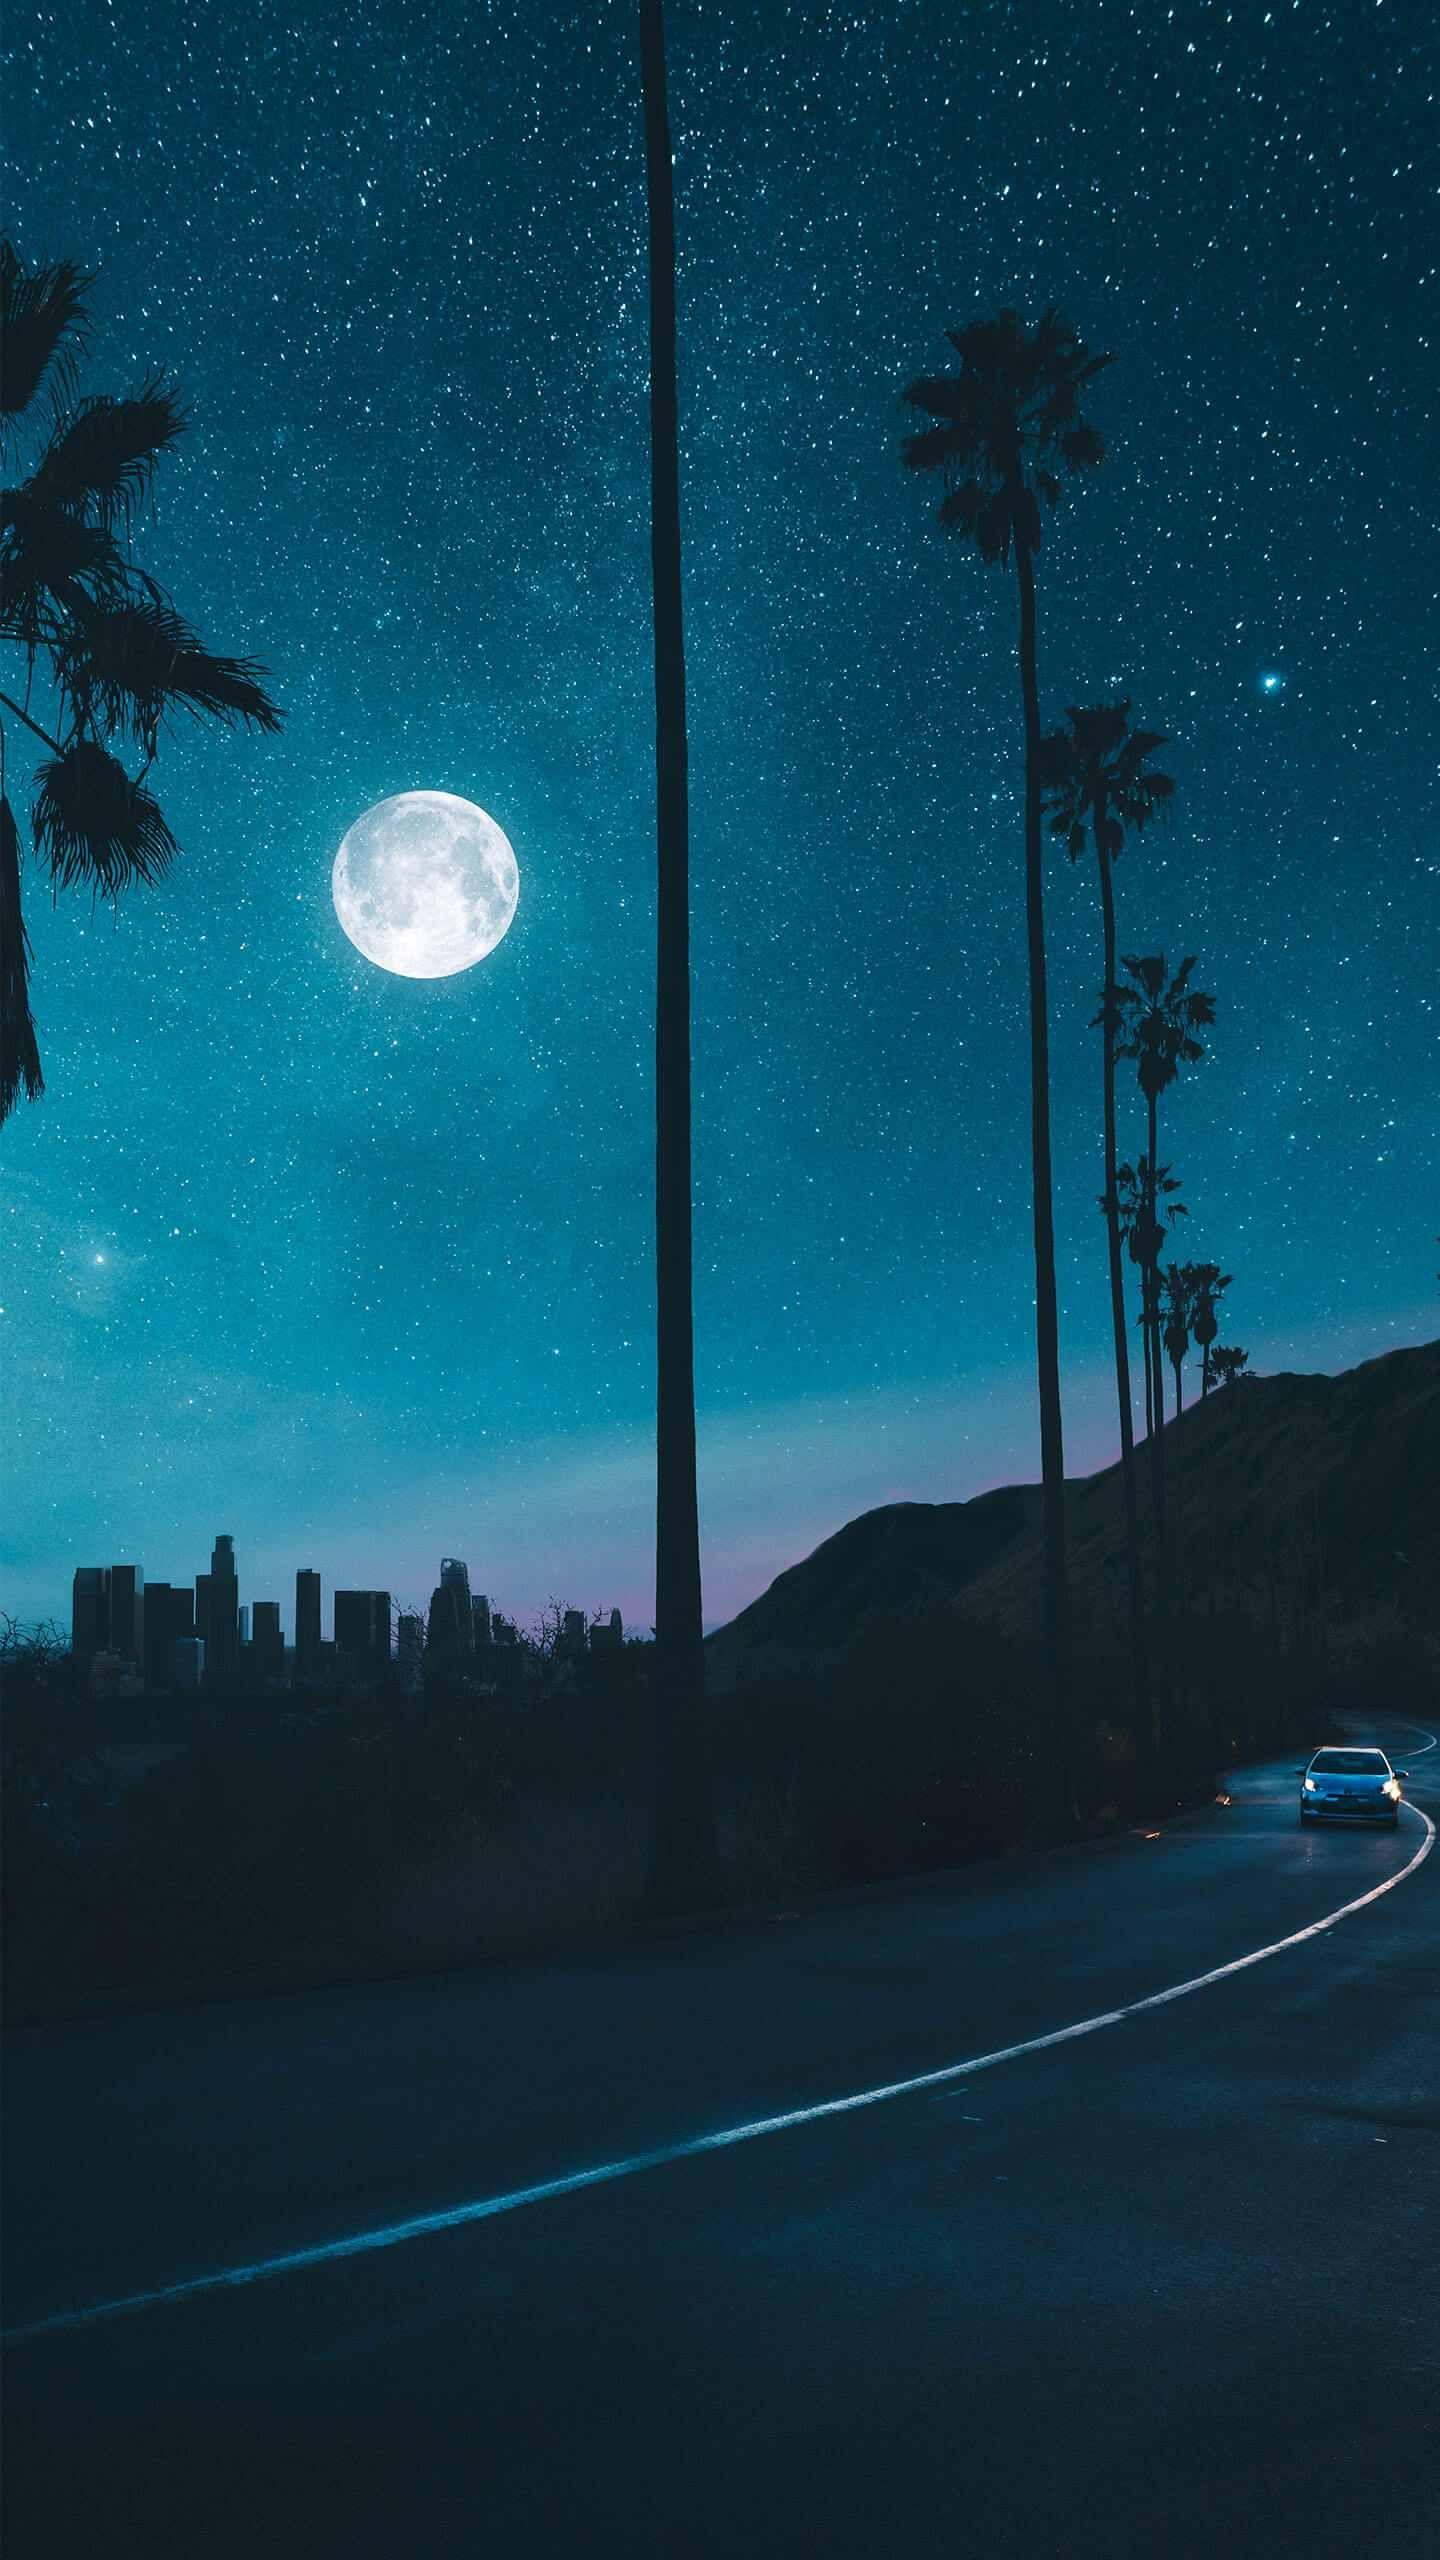 City S Night Night Sky Wallpaper Sky Full Of Stars Wallpaper Diy Crafts